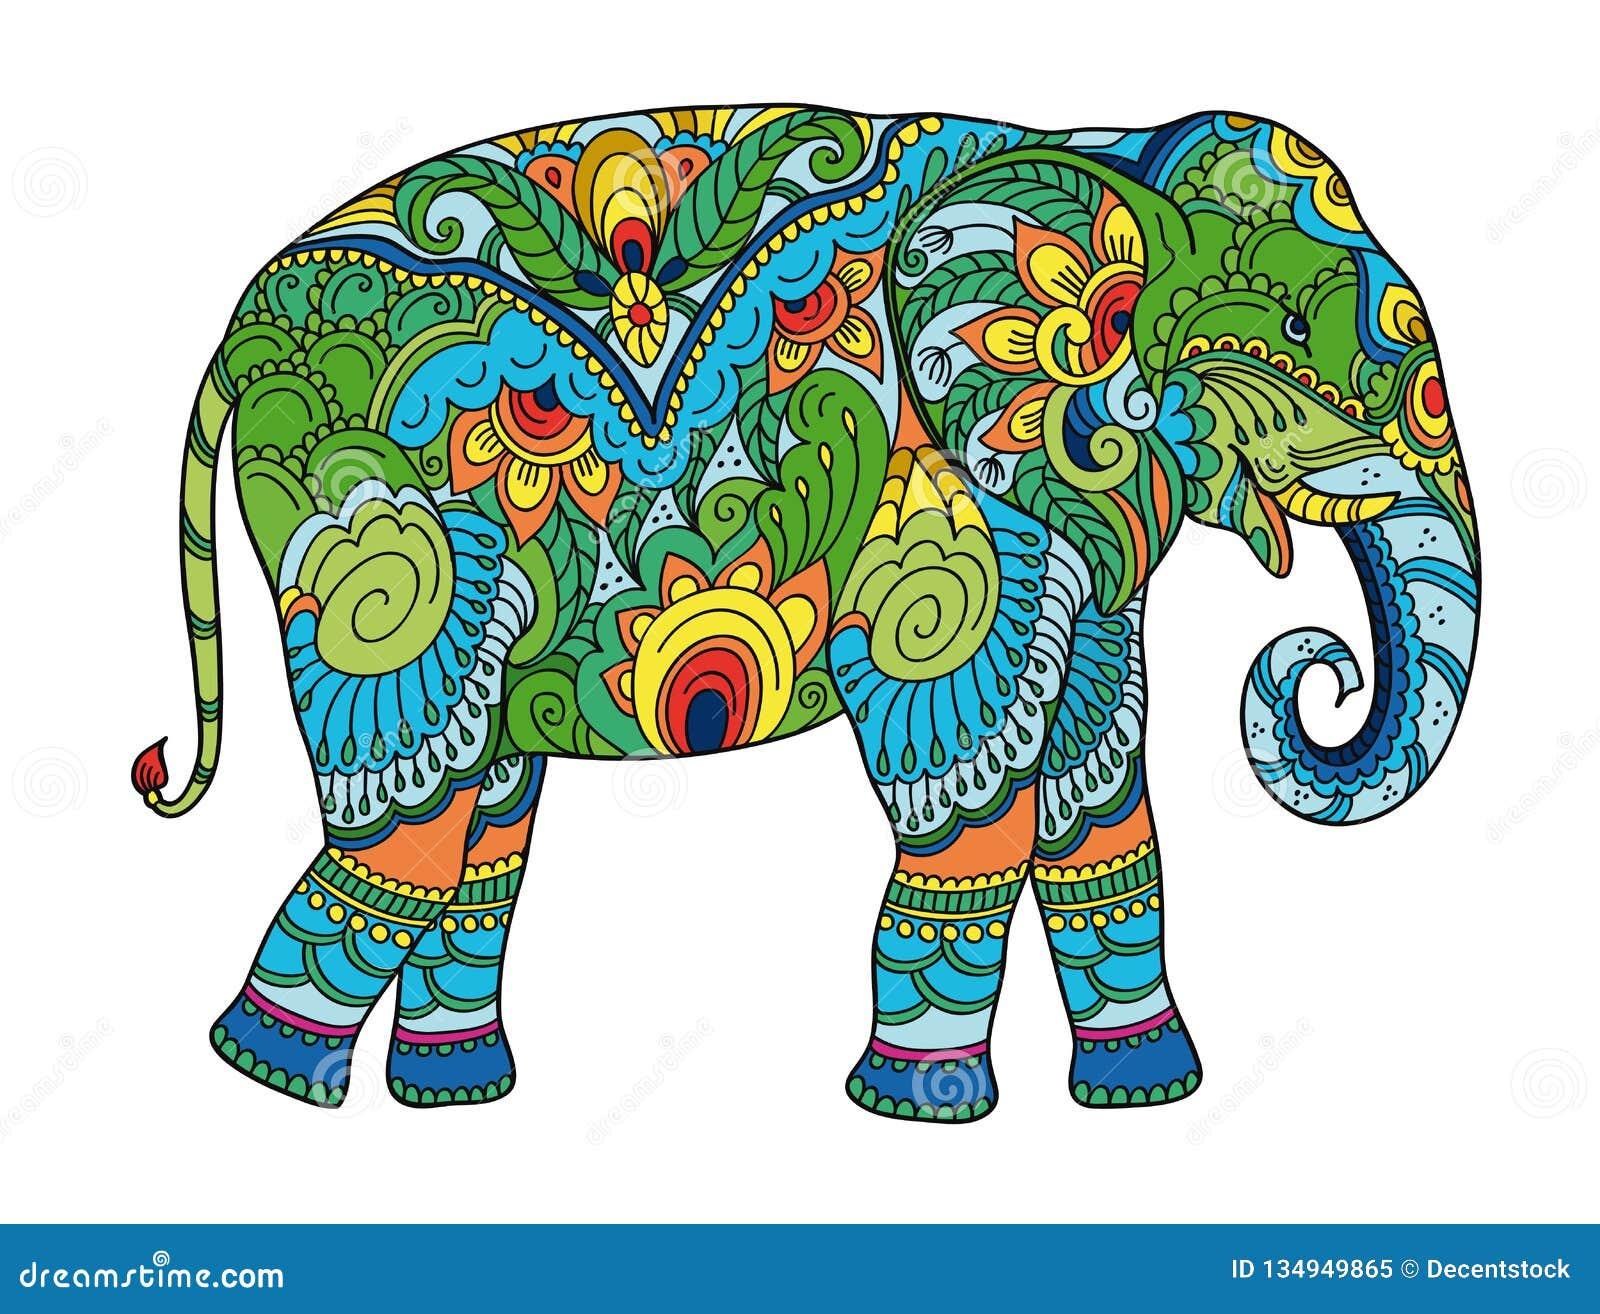 Éléphant stylisé de dessin Croquis à main levée pour anti livre de coloriage adulte d effort